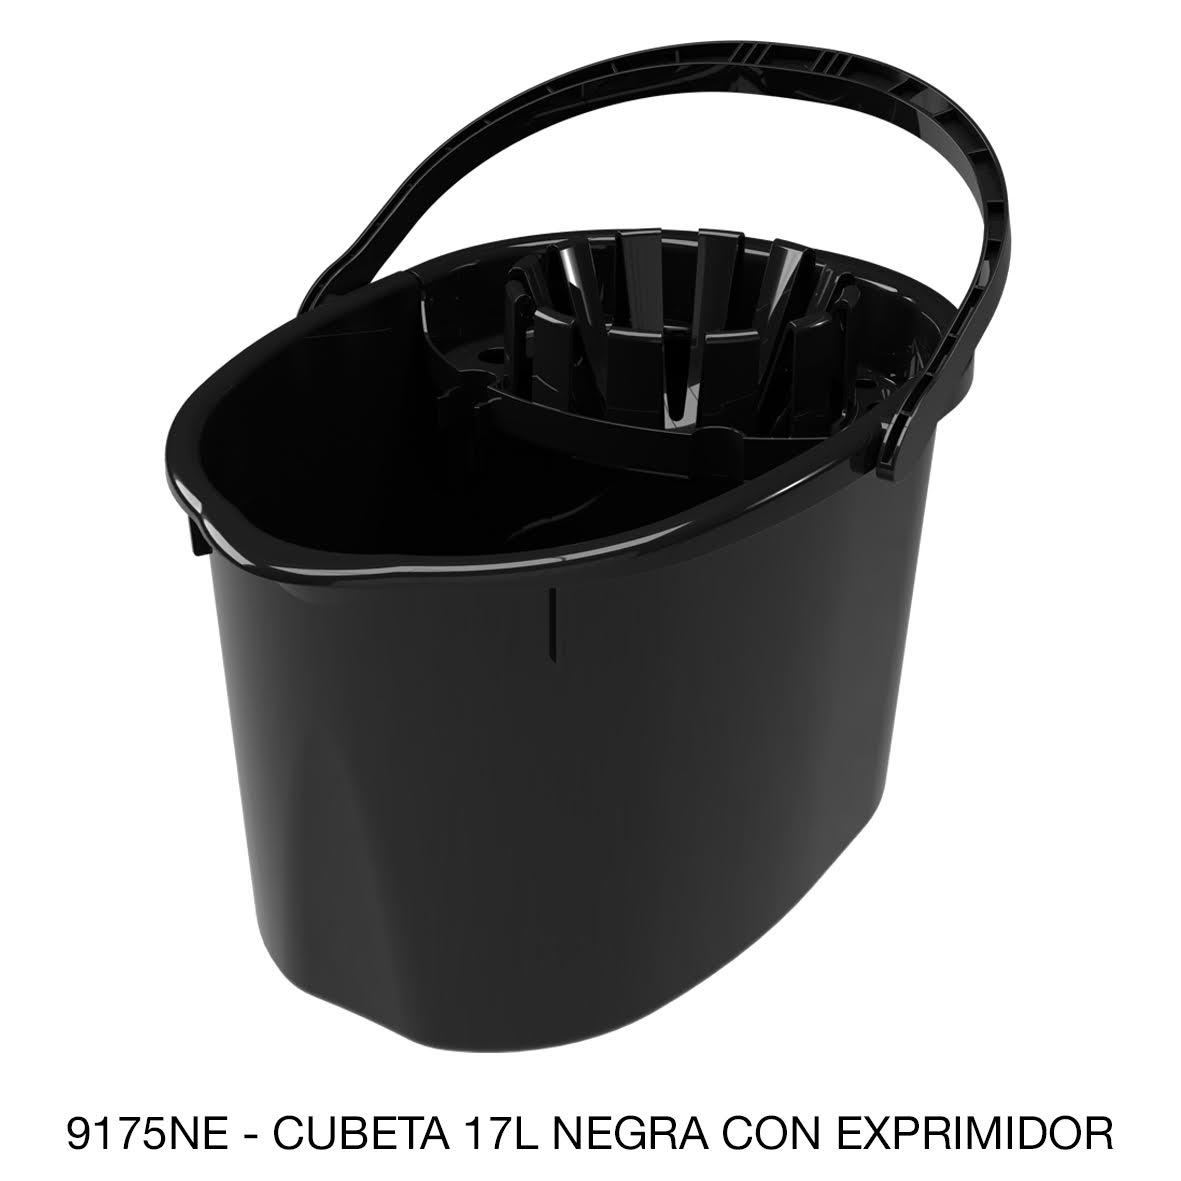 Cubeta de 17 litros con exprimidor color negro modelo 9175NE de Sablón